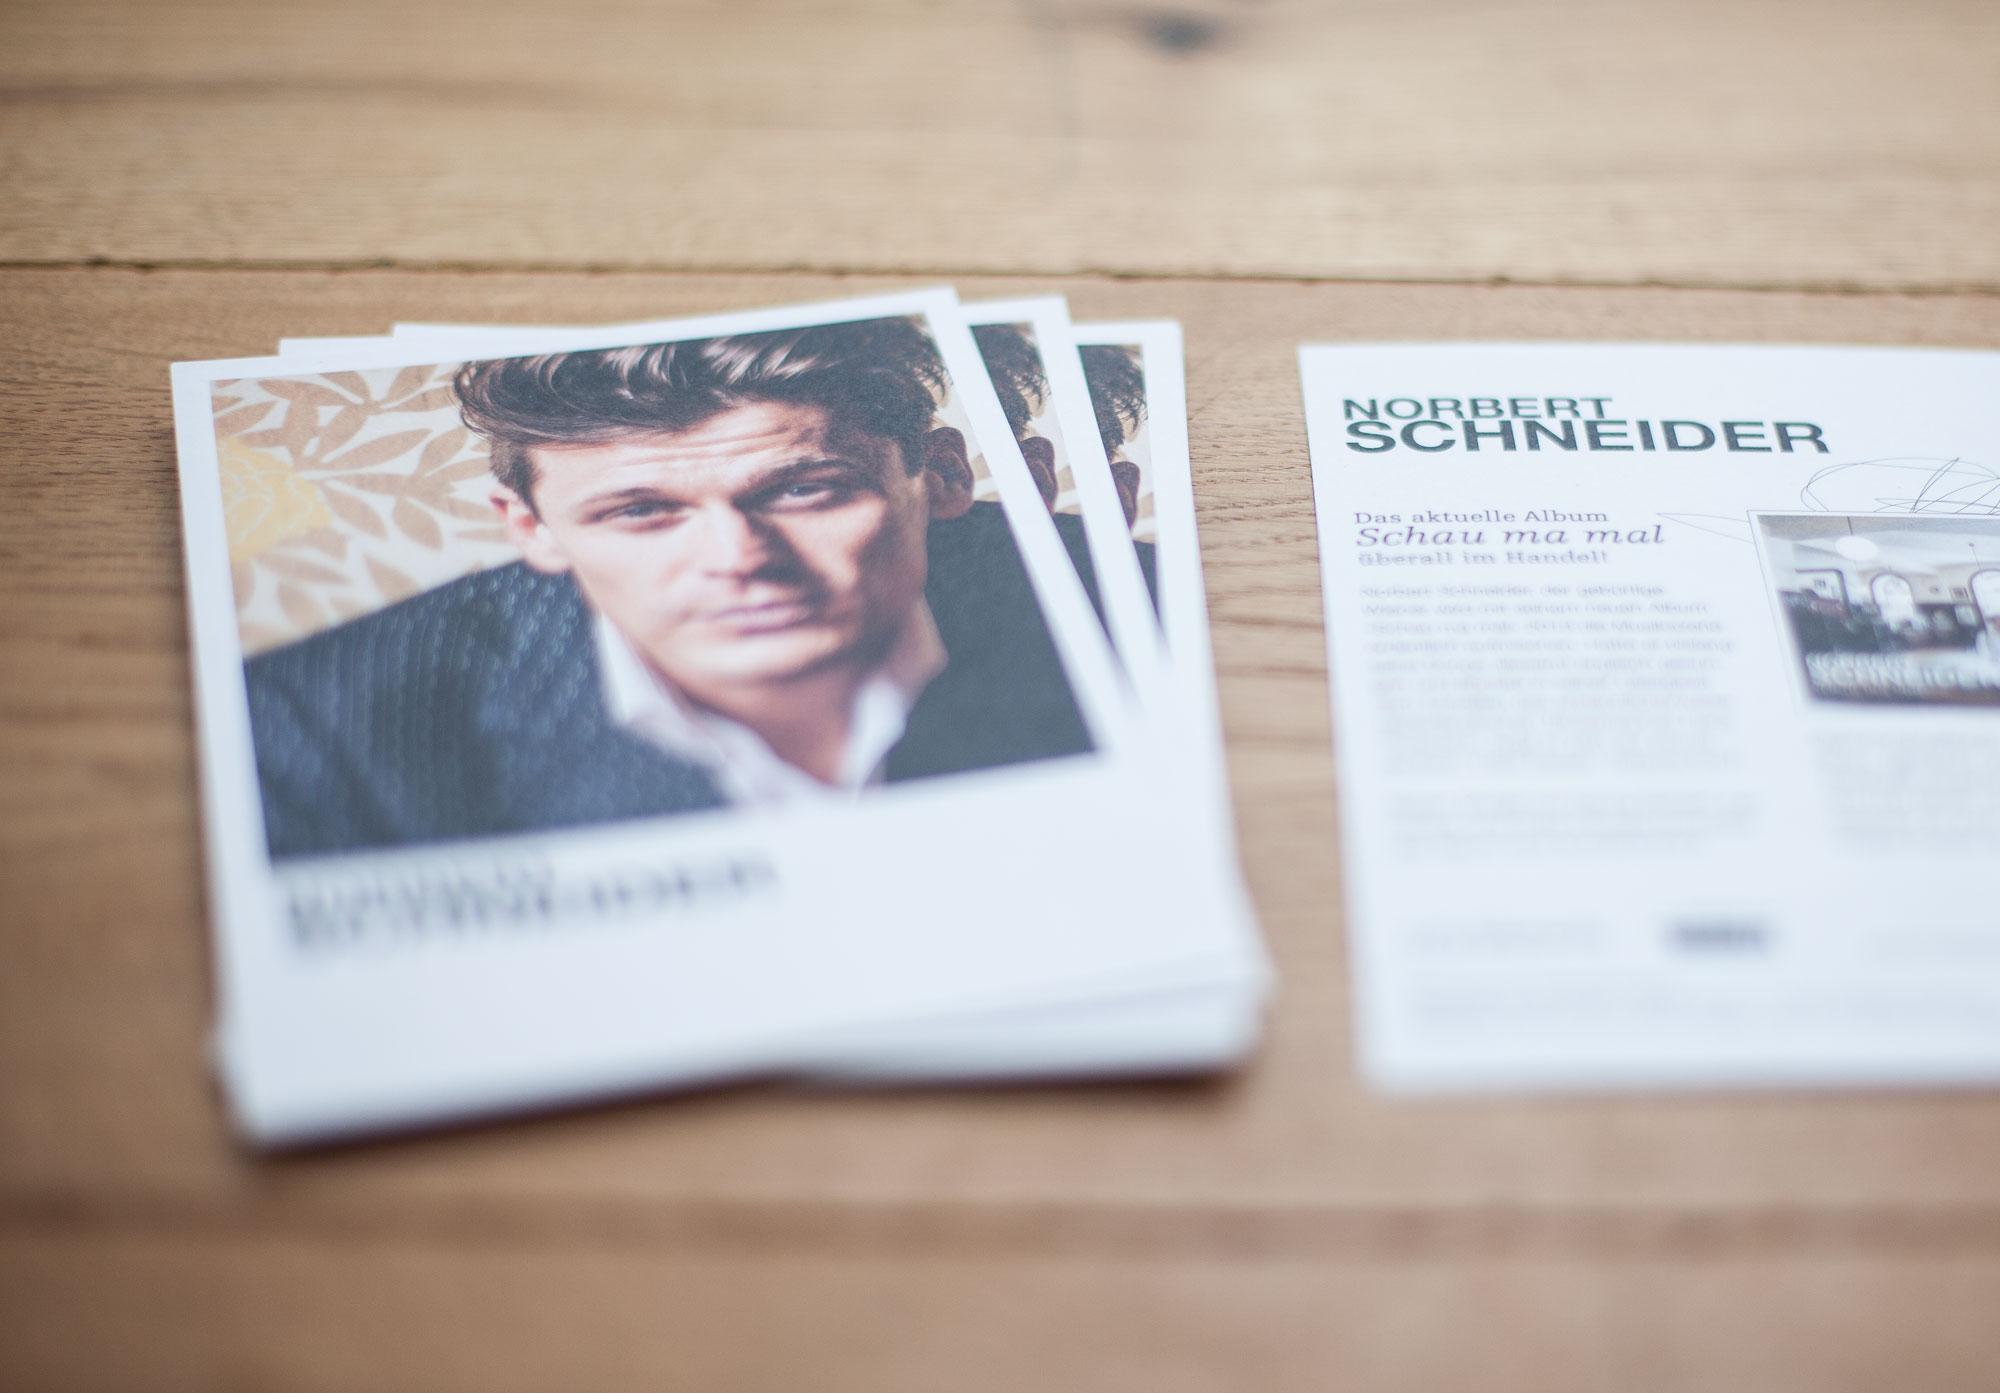 75a Büro für Gestaltung aus Stuttgart gestaltet die Autogrammkarten des Wiener Musikers Norbert Schneider